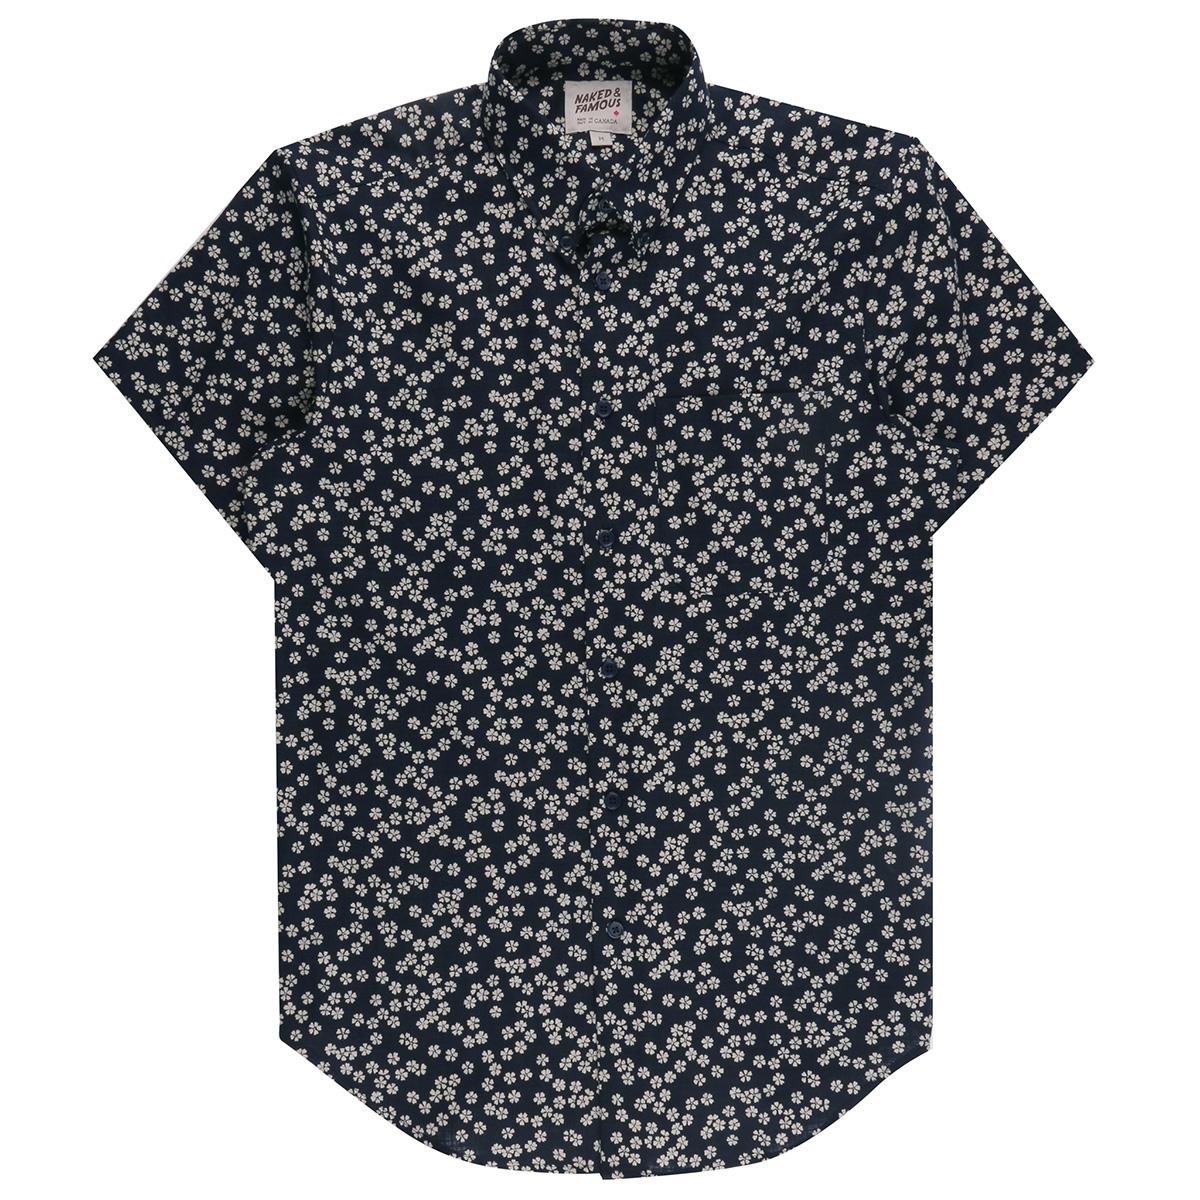 KIMONO HANA - Short Sleeve Easy Shirt